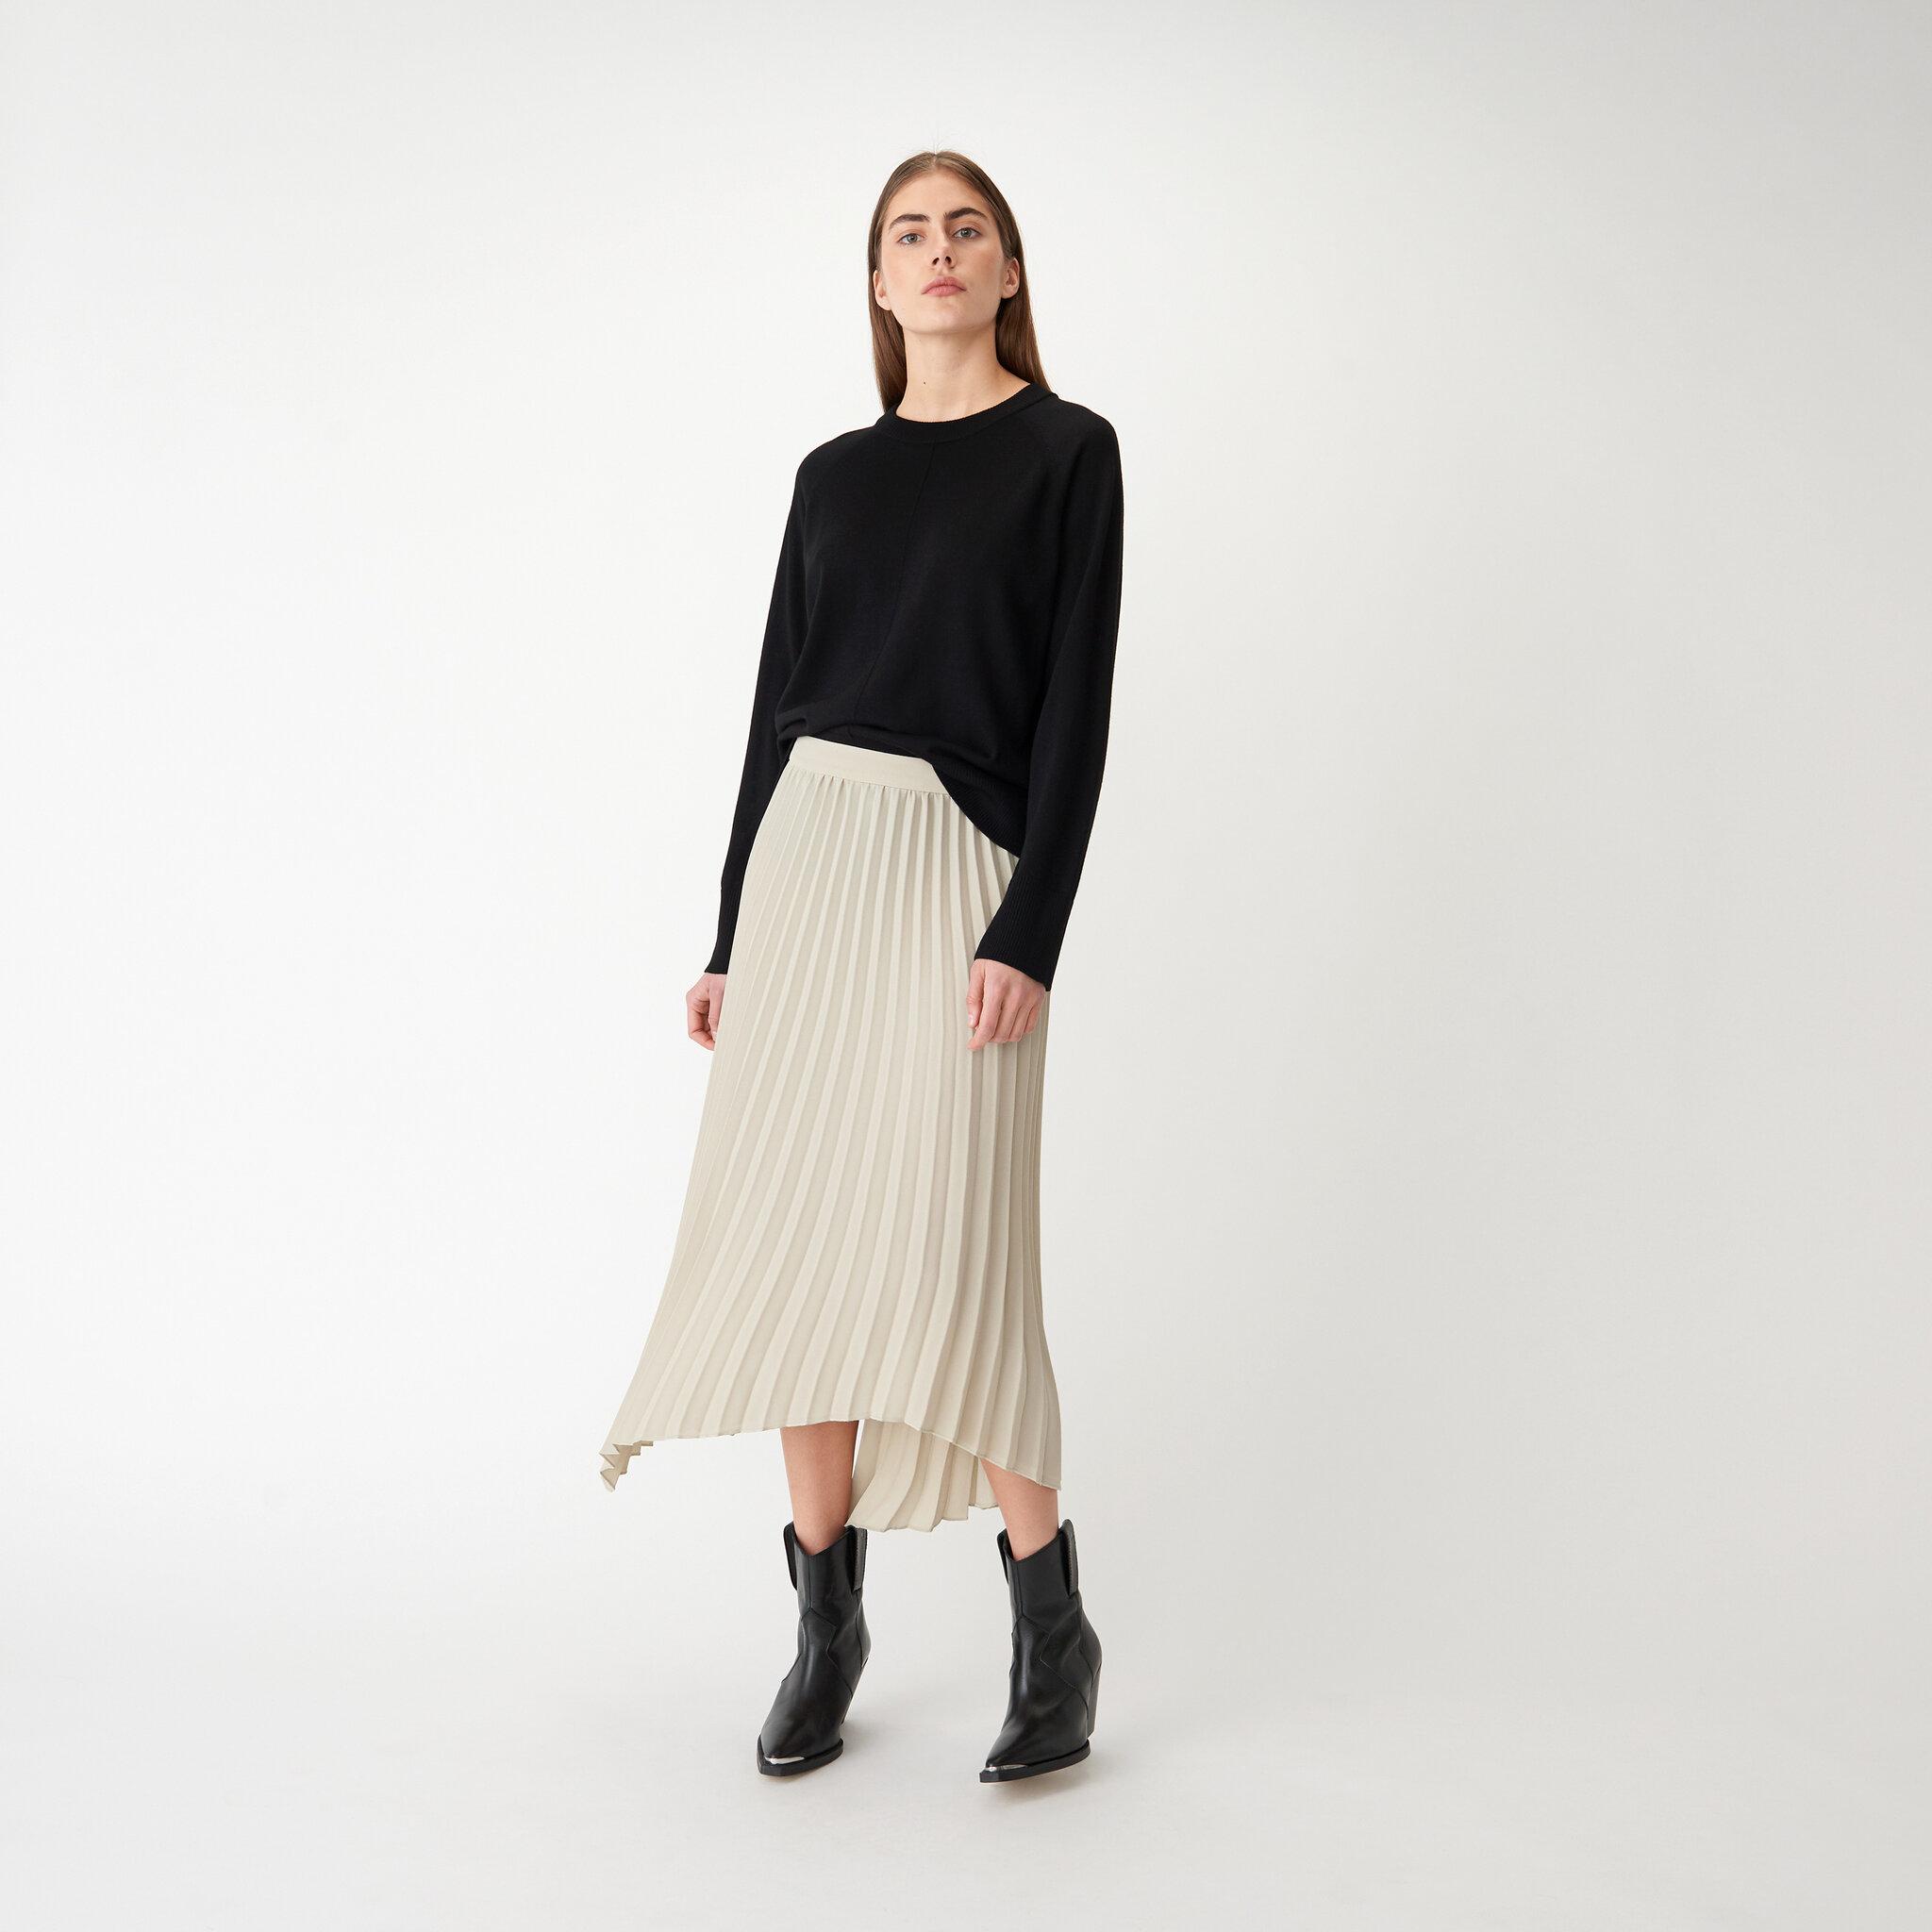 Kjol MELANIE Plisserade kjolar Köp online på åhlens.se!